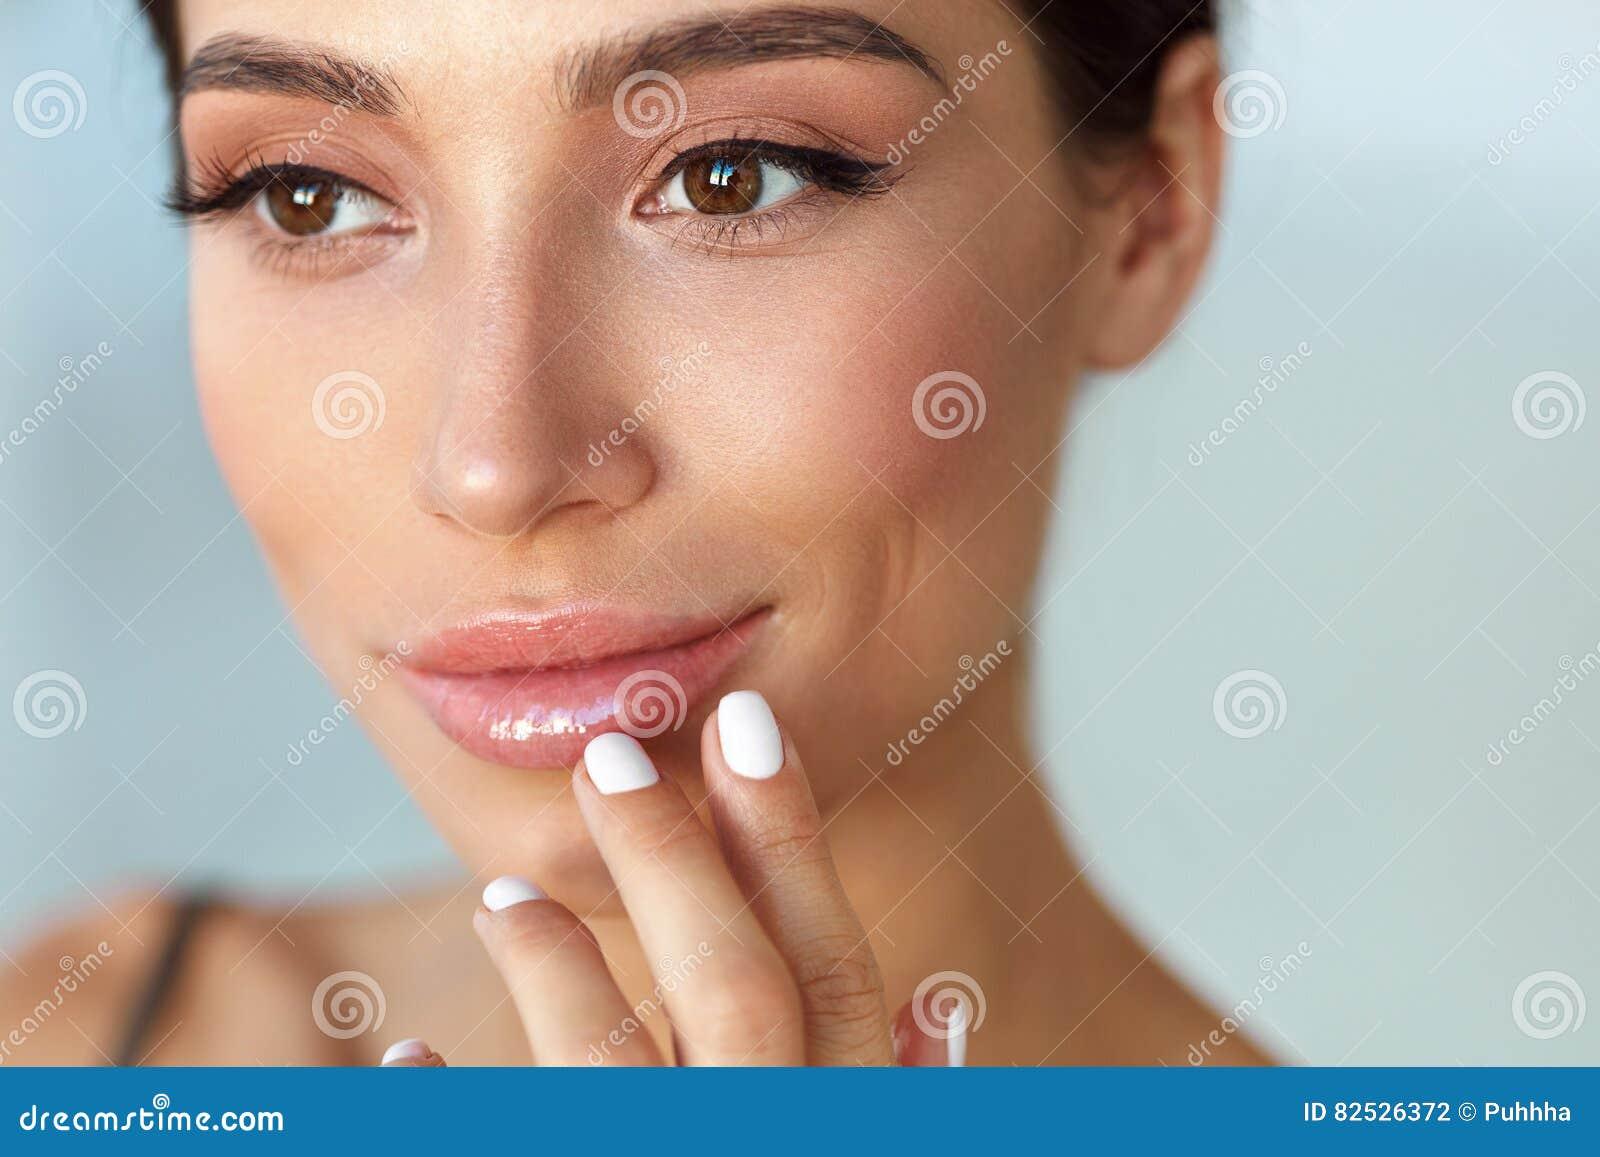 Πρόσωπο ομορφιάς Όμορφη γυναίκα σχετικά με τα χείλια με το χειλικό βάλσαμο επάνω